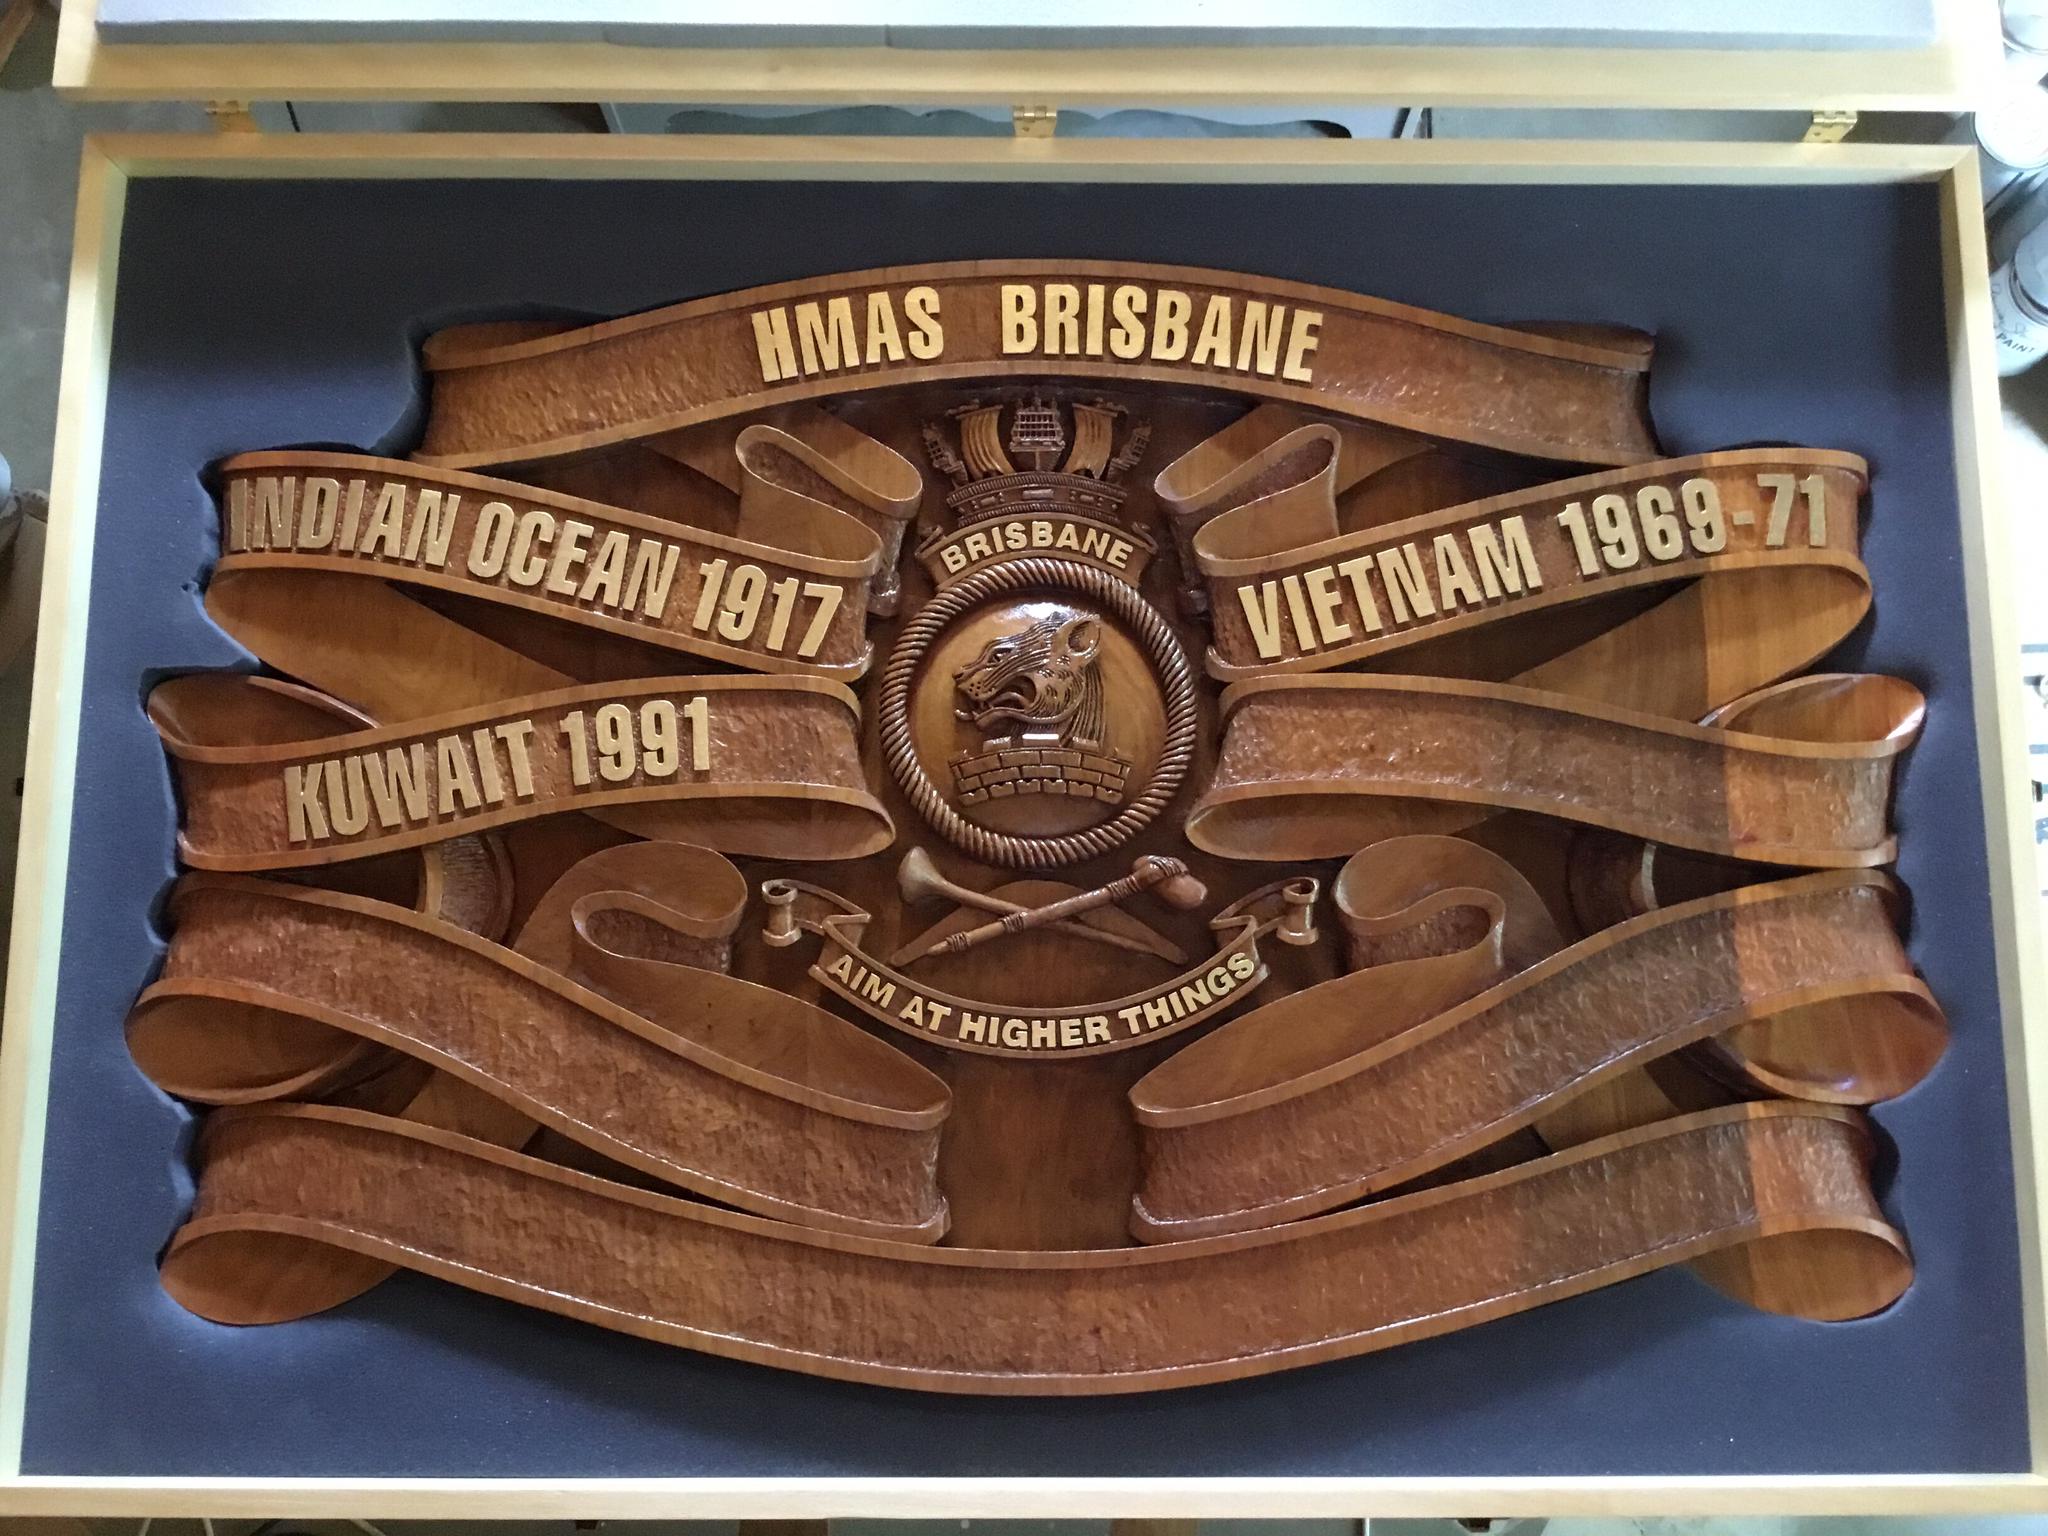 HMAS BRISBANE Battle Honours Board